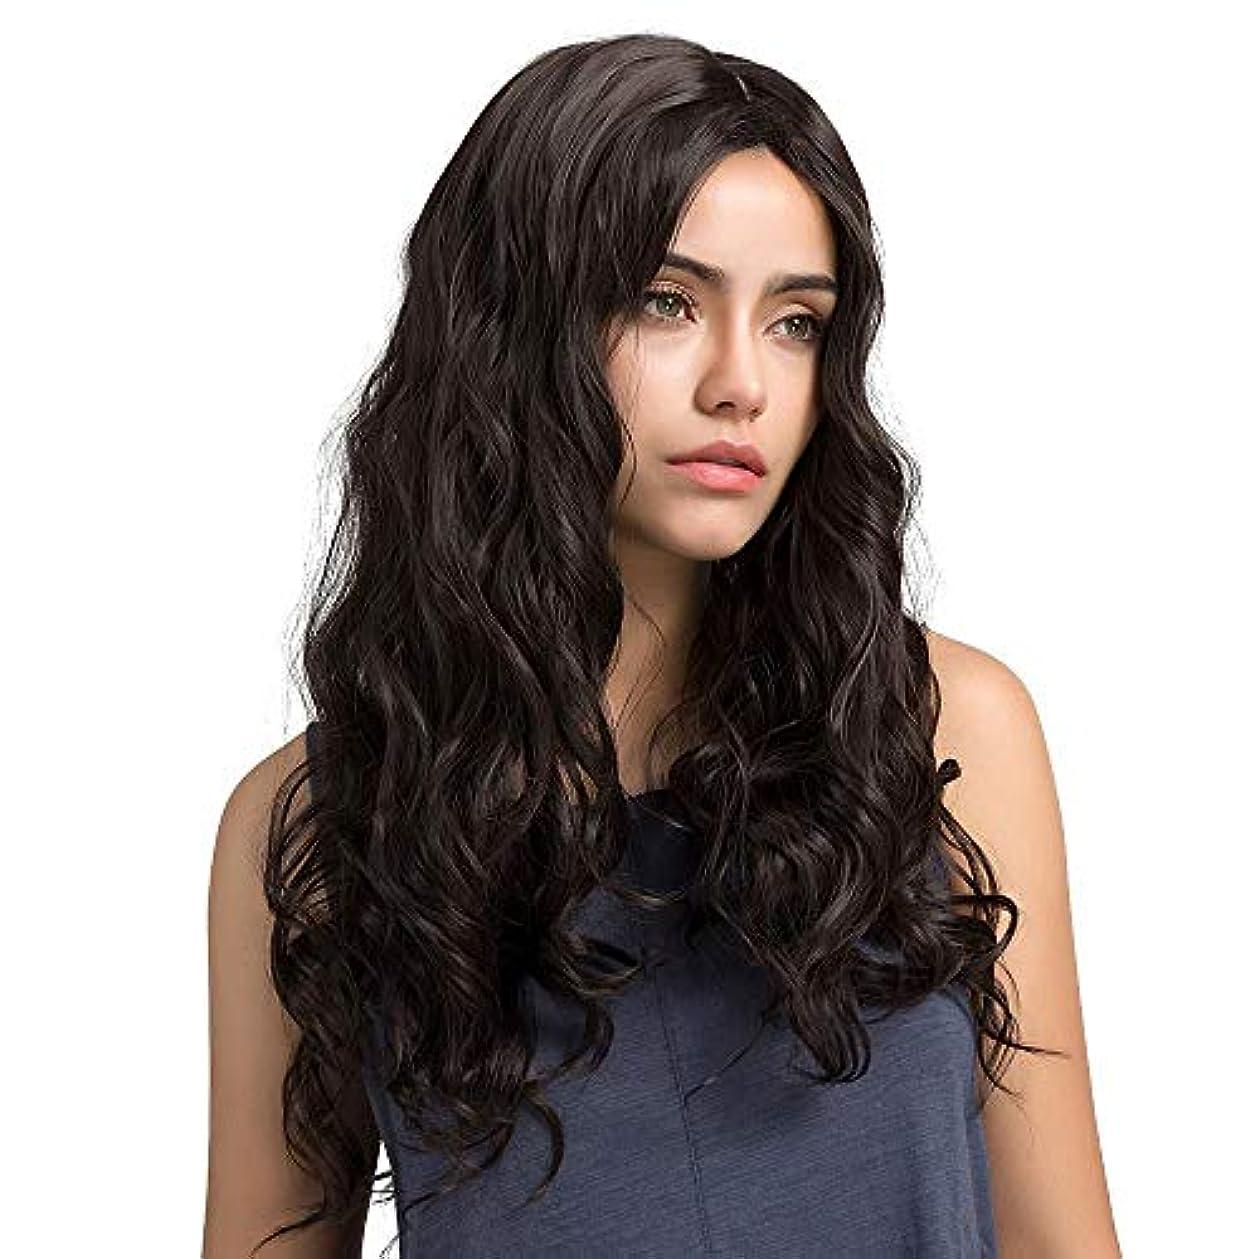 趣味ディスカウント保証する女性の小さな波状の長い巻き毛のふわふわのかつら65 cm